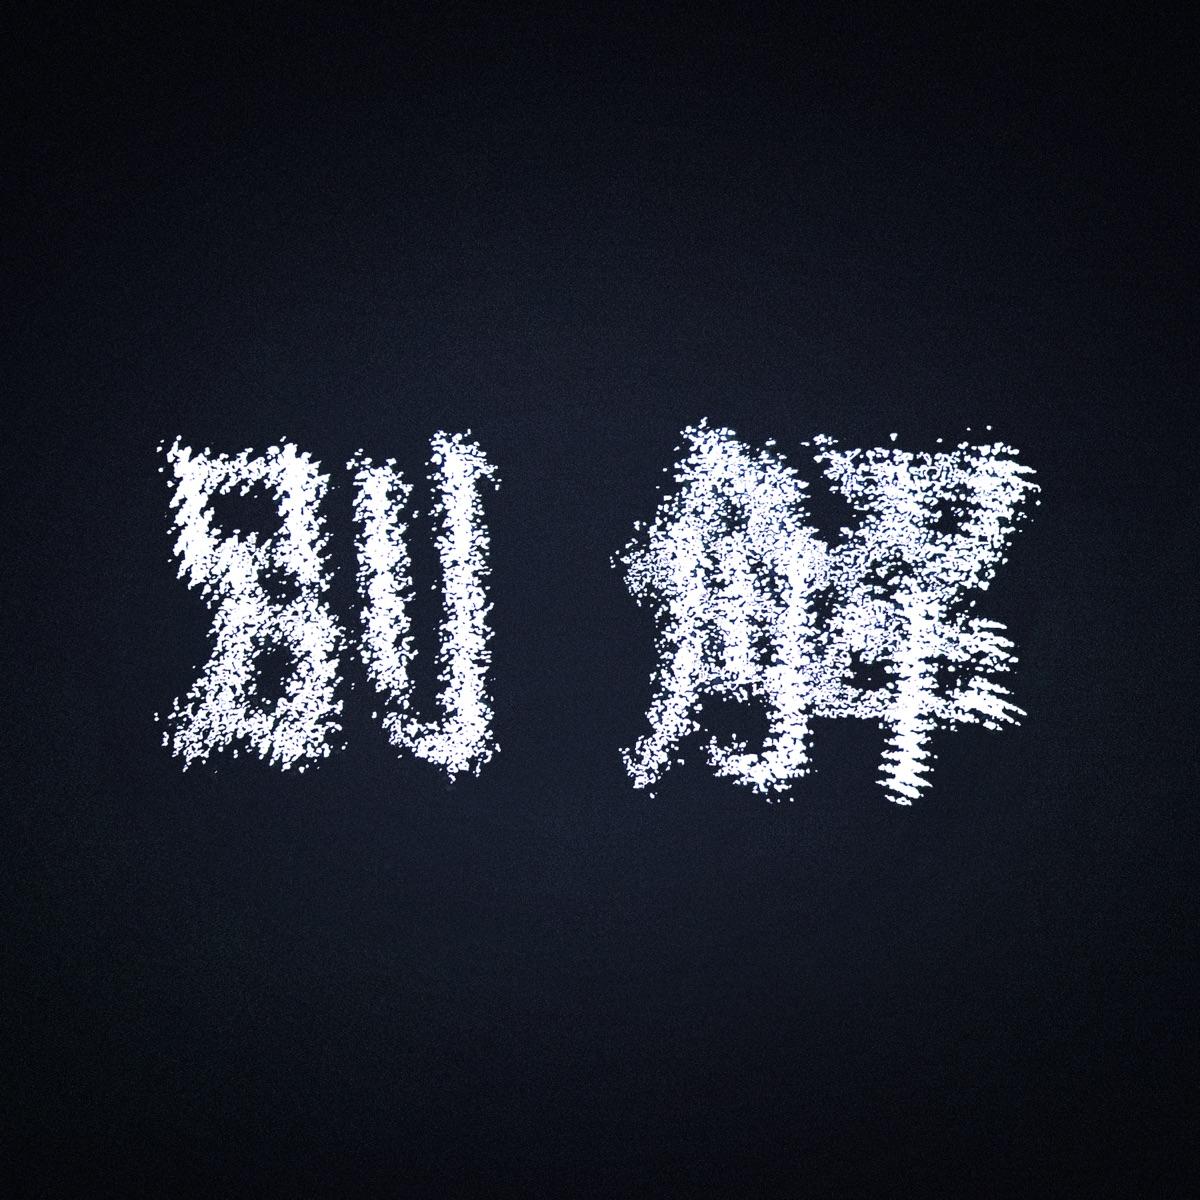 『映秀。 - Good-bye Good-night』収録の『別解』ジャケット